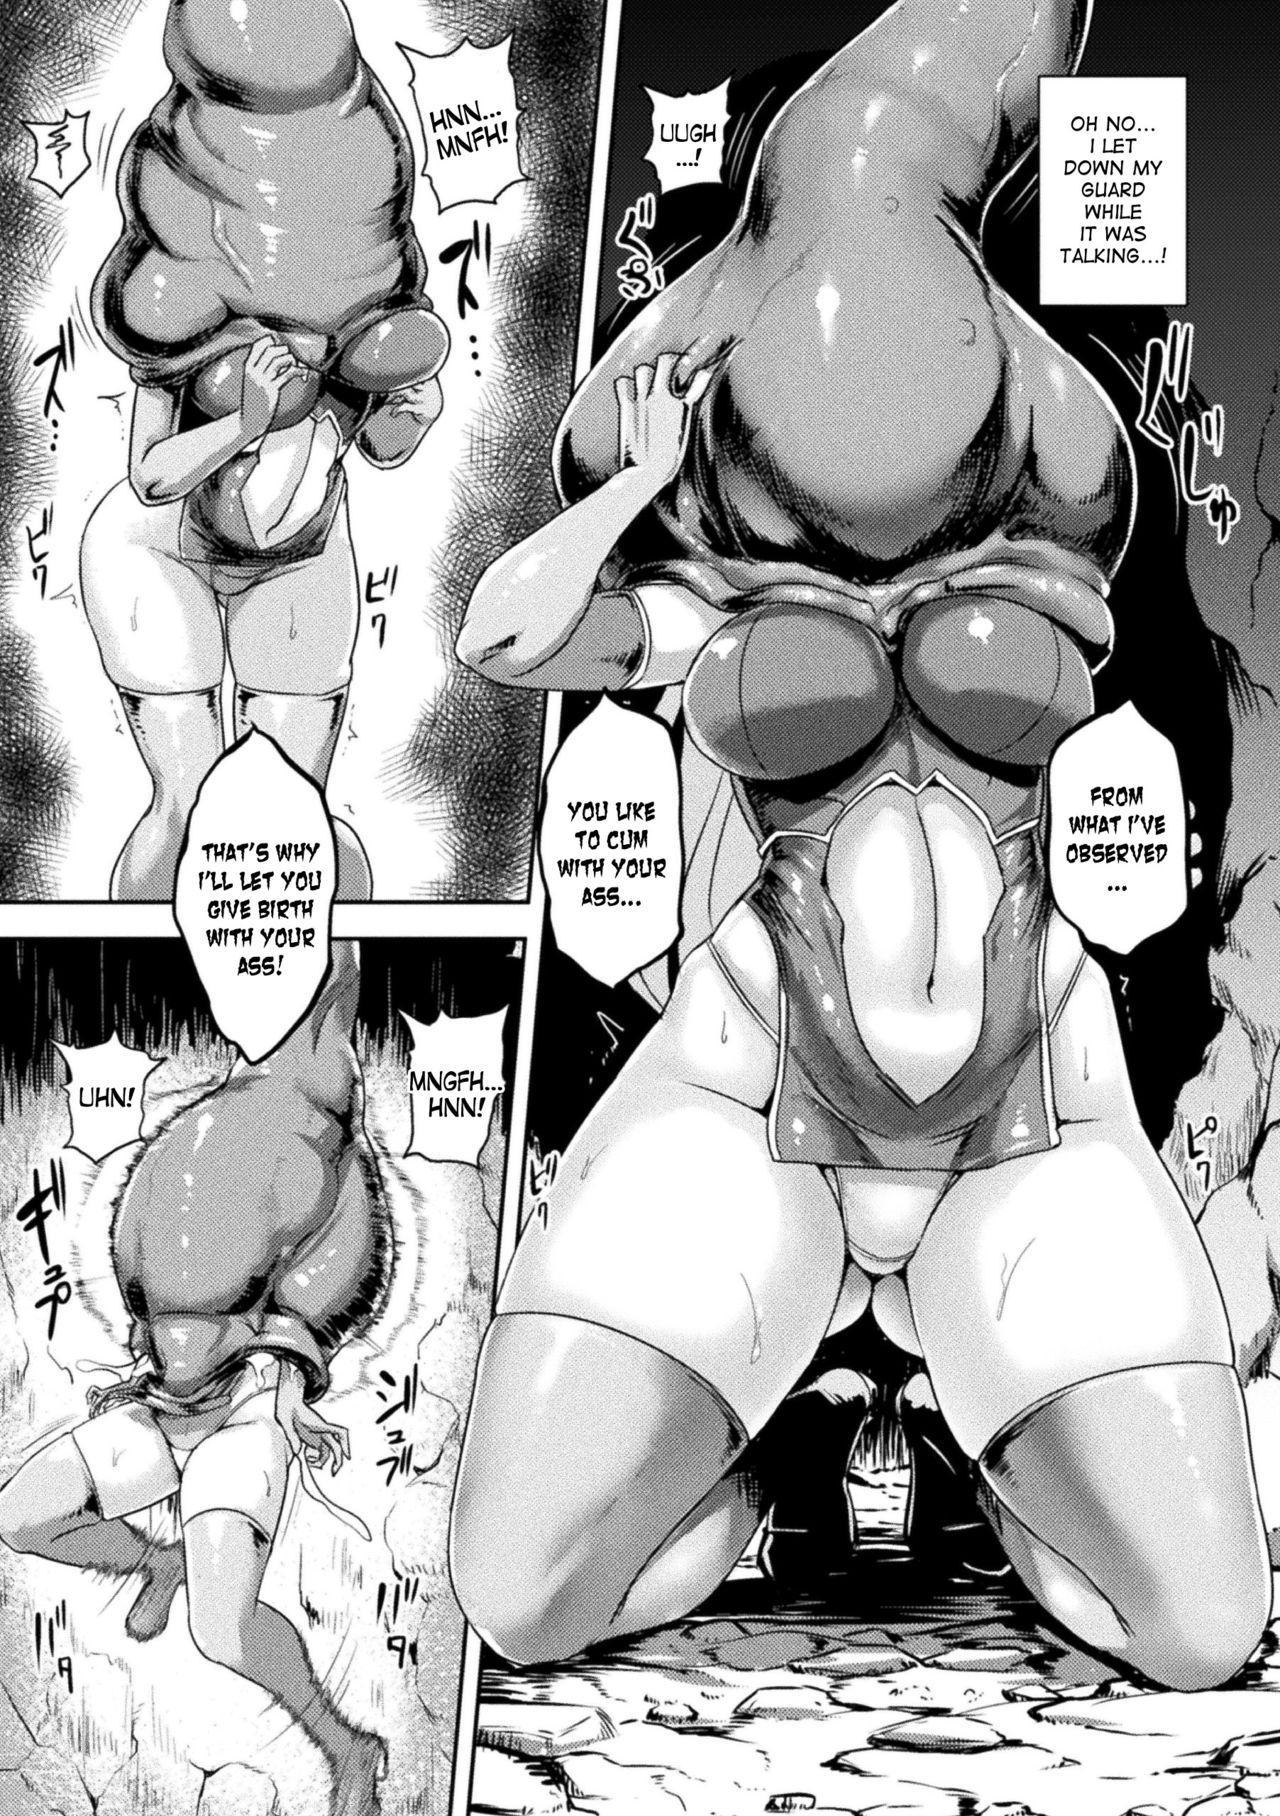 [Ishimiso] Niku no Mori ~Naedoko ni Sareta Elf~   The Forest of Flesh (2D Comic Magazine Marunomi Haramase Naedoko Acme! Vol. 2) [English] [desudesu] [Digital] 10